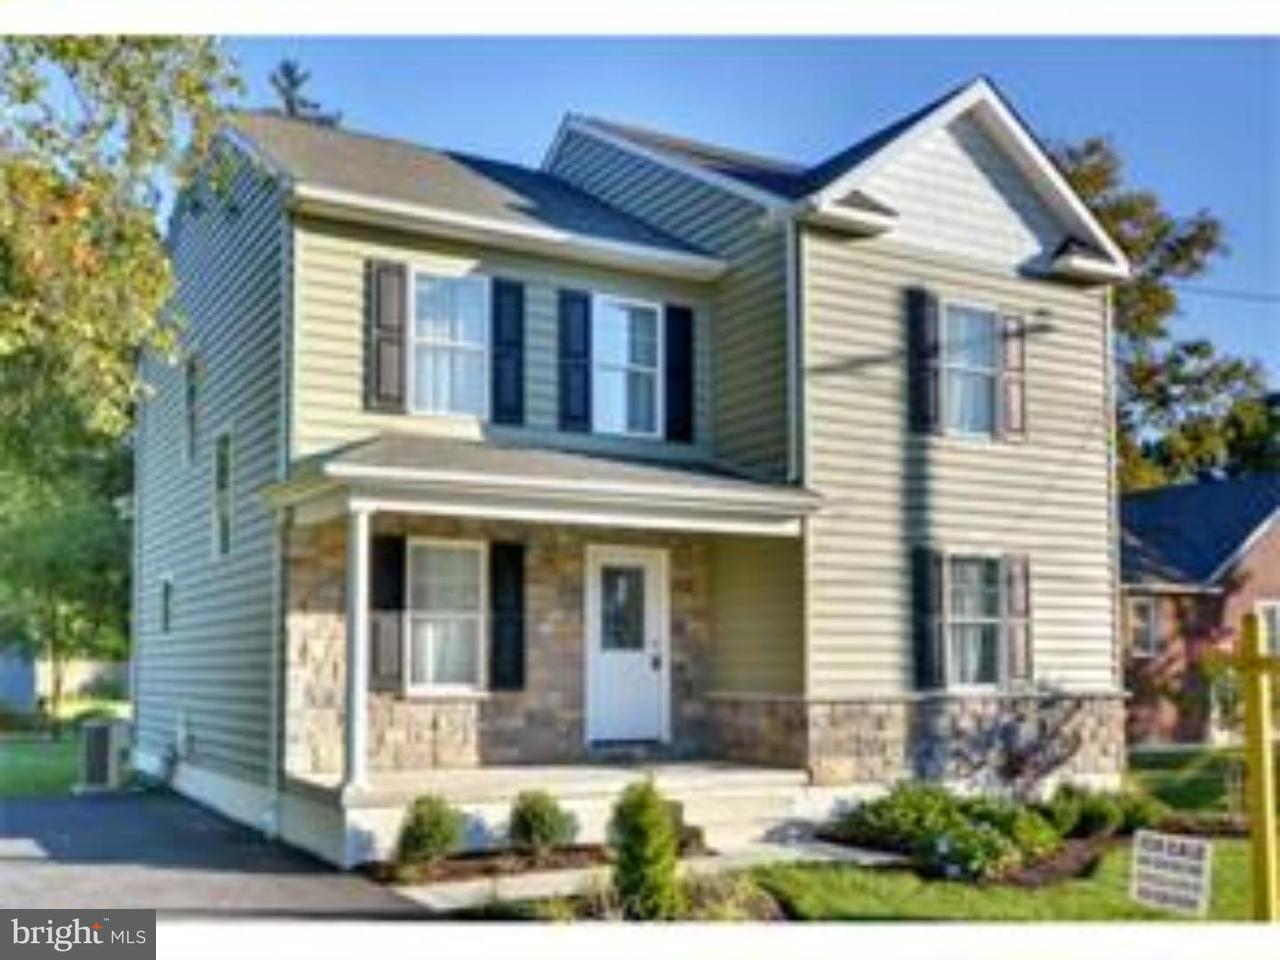 Частный односемейный дом для того Продажа на 334 HOLMES Road Holmes, Пенсильвания 19043 Соединенные Штаты